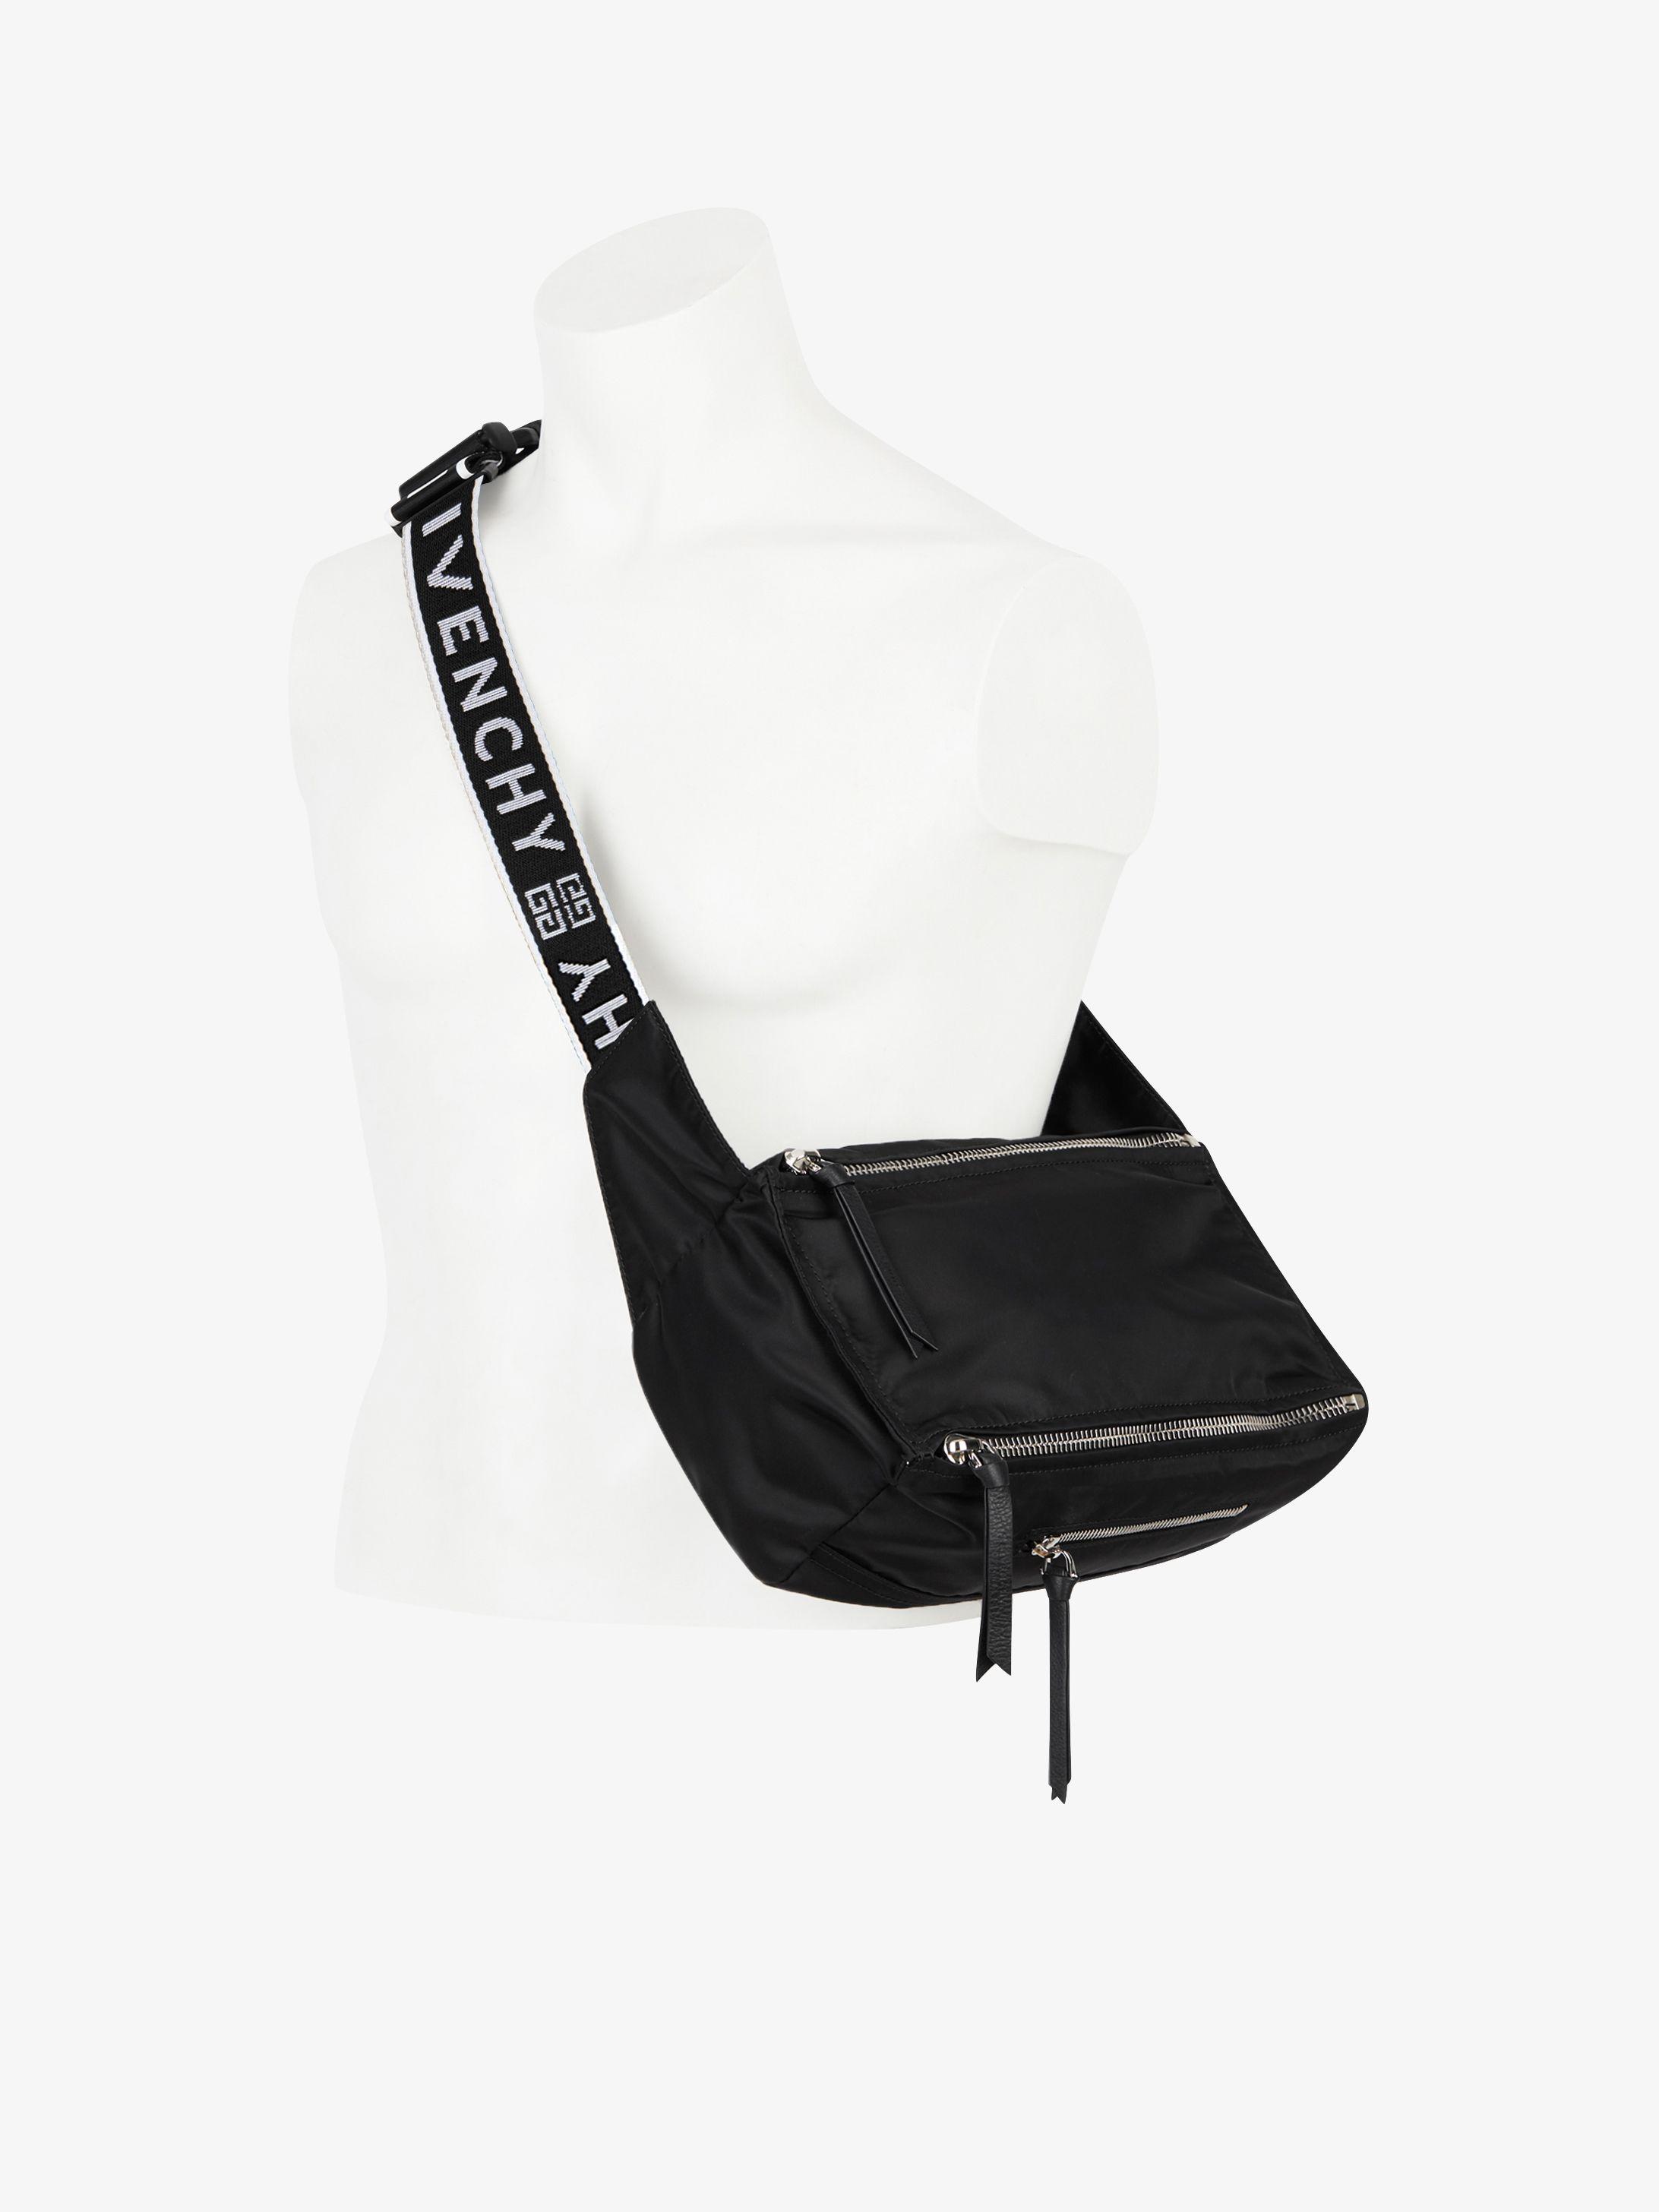 a49246655526 GIVENCHY 4G Pandora bum bag | MENS BAGS in 2019 | Givenchy, Givenchy ...